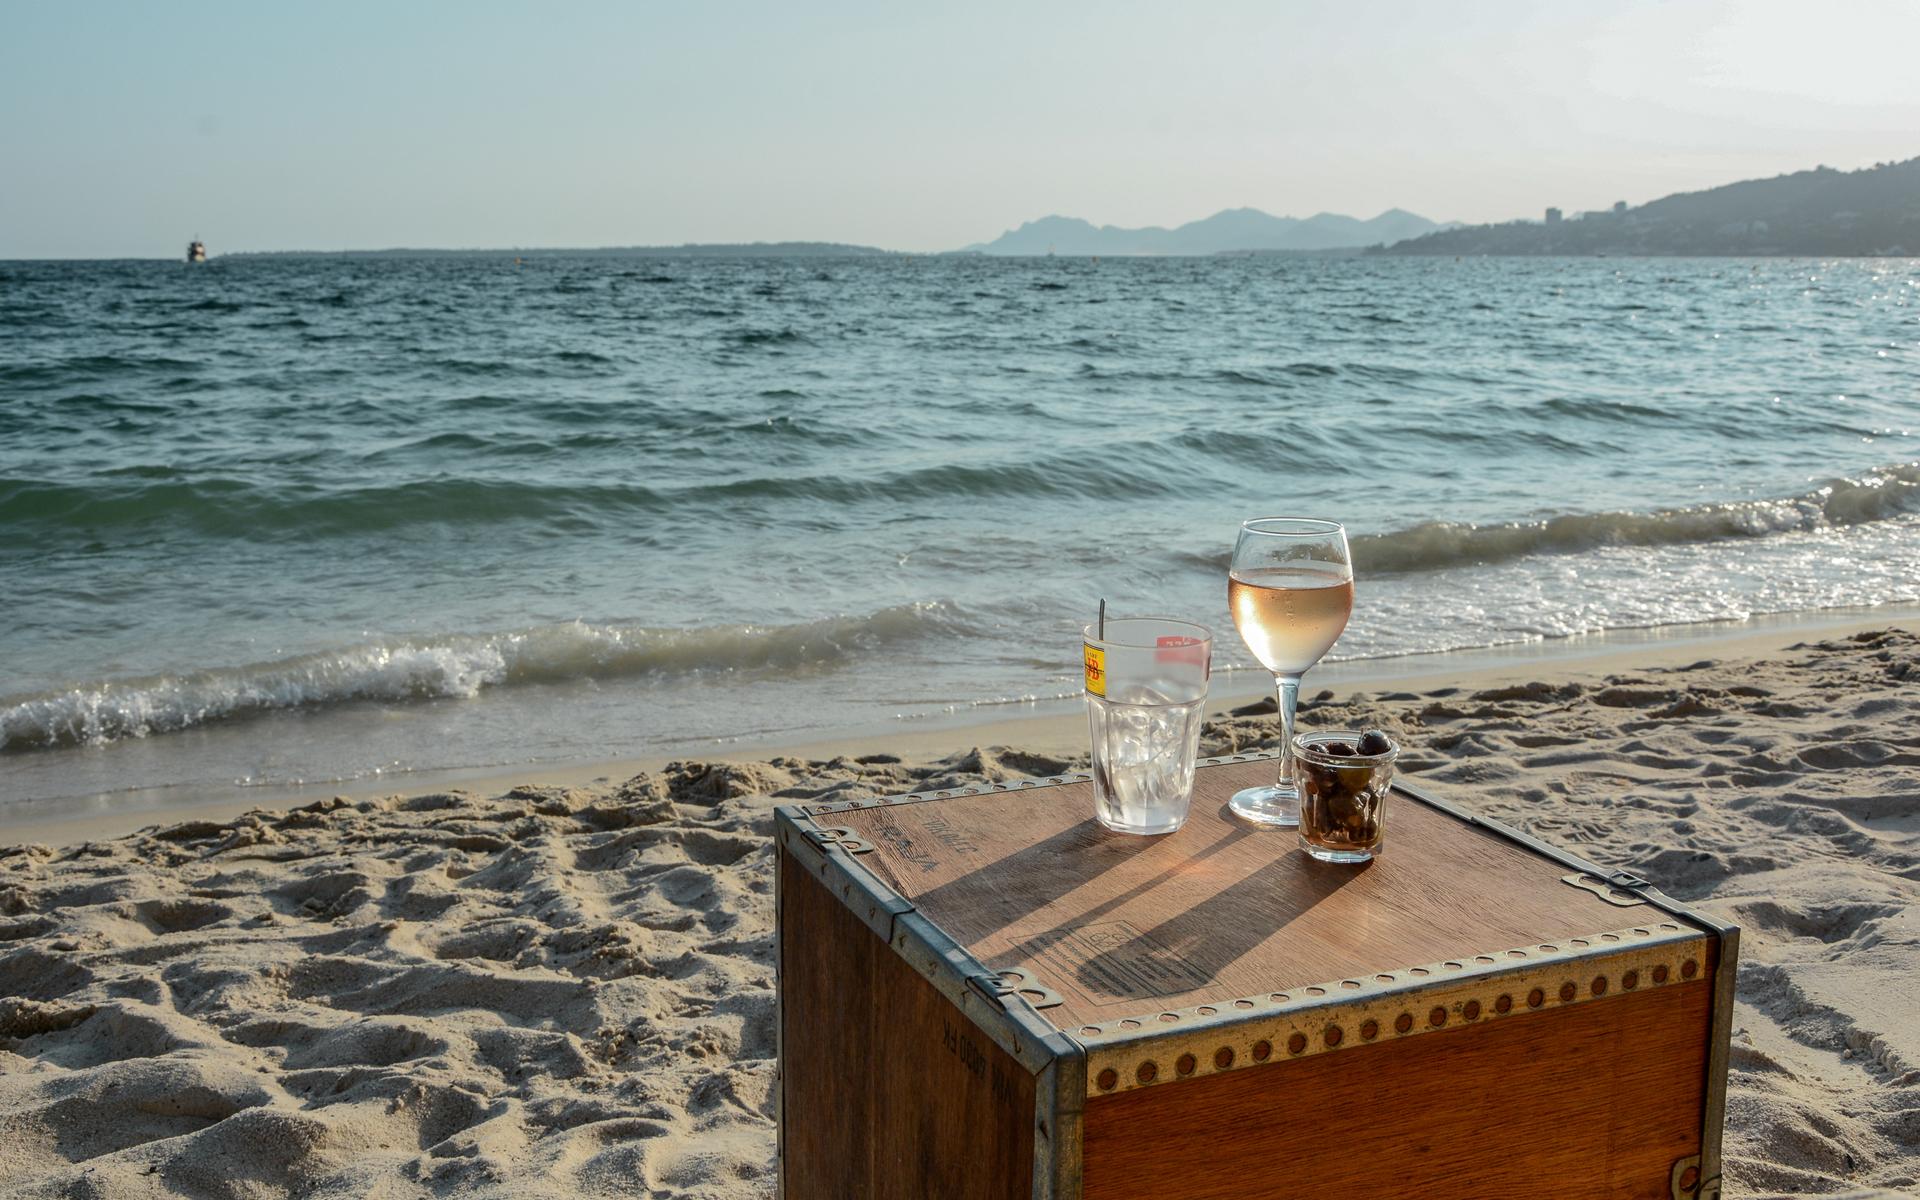 Header Kiste mit Vino am Strand vor Meereskulisse